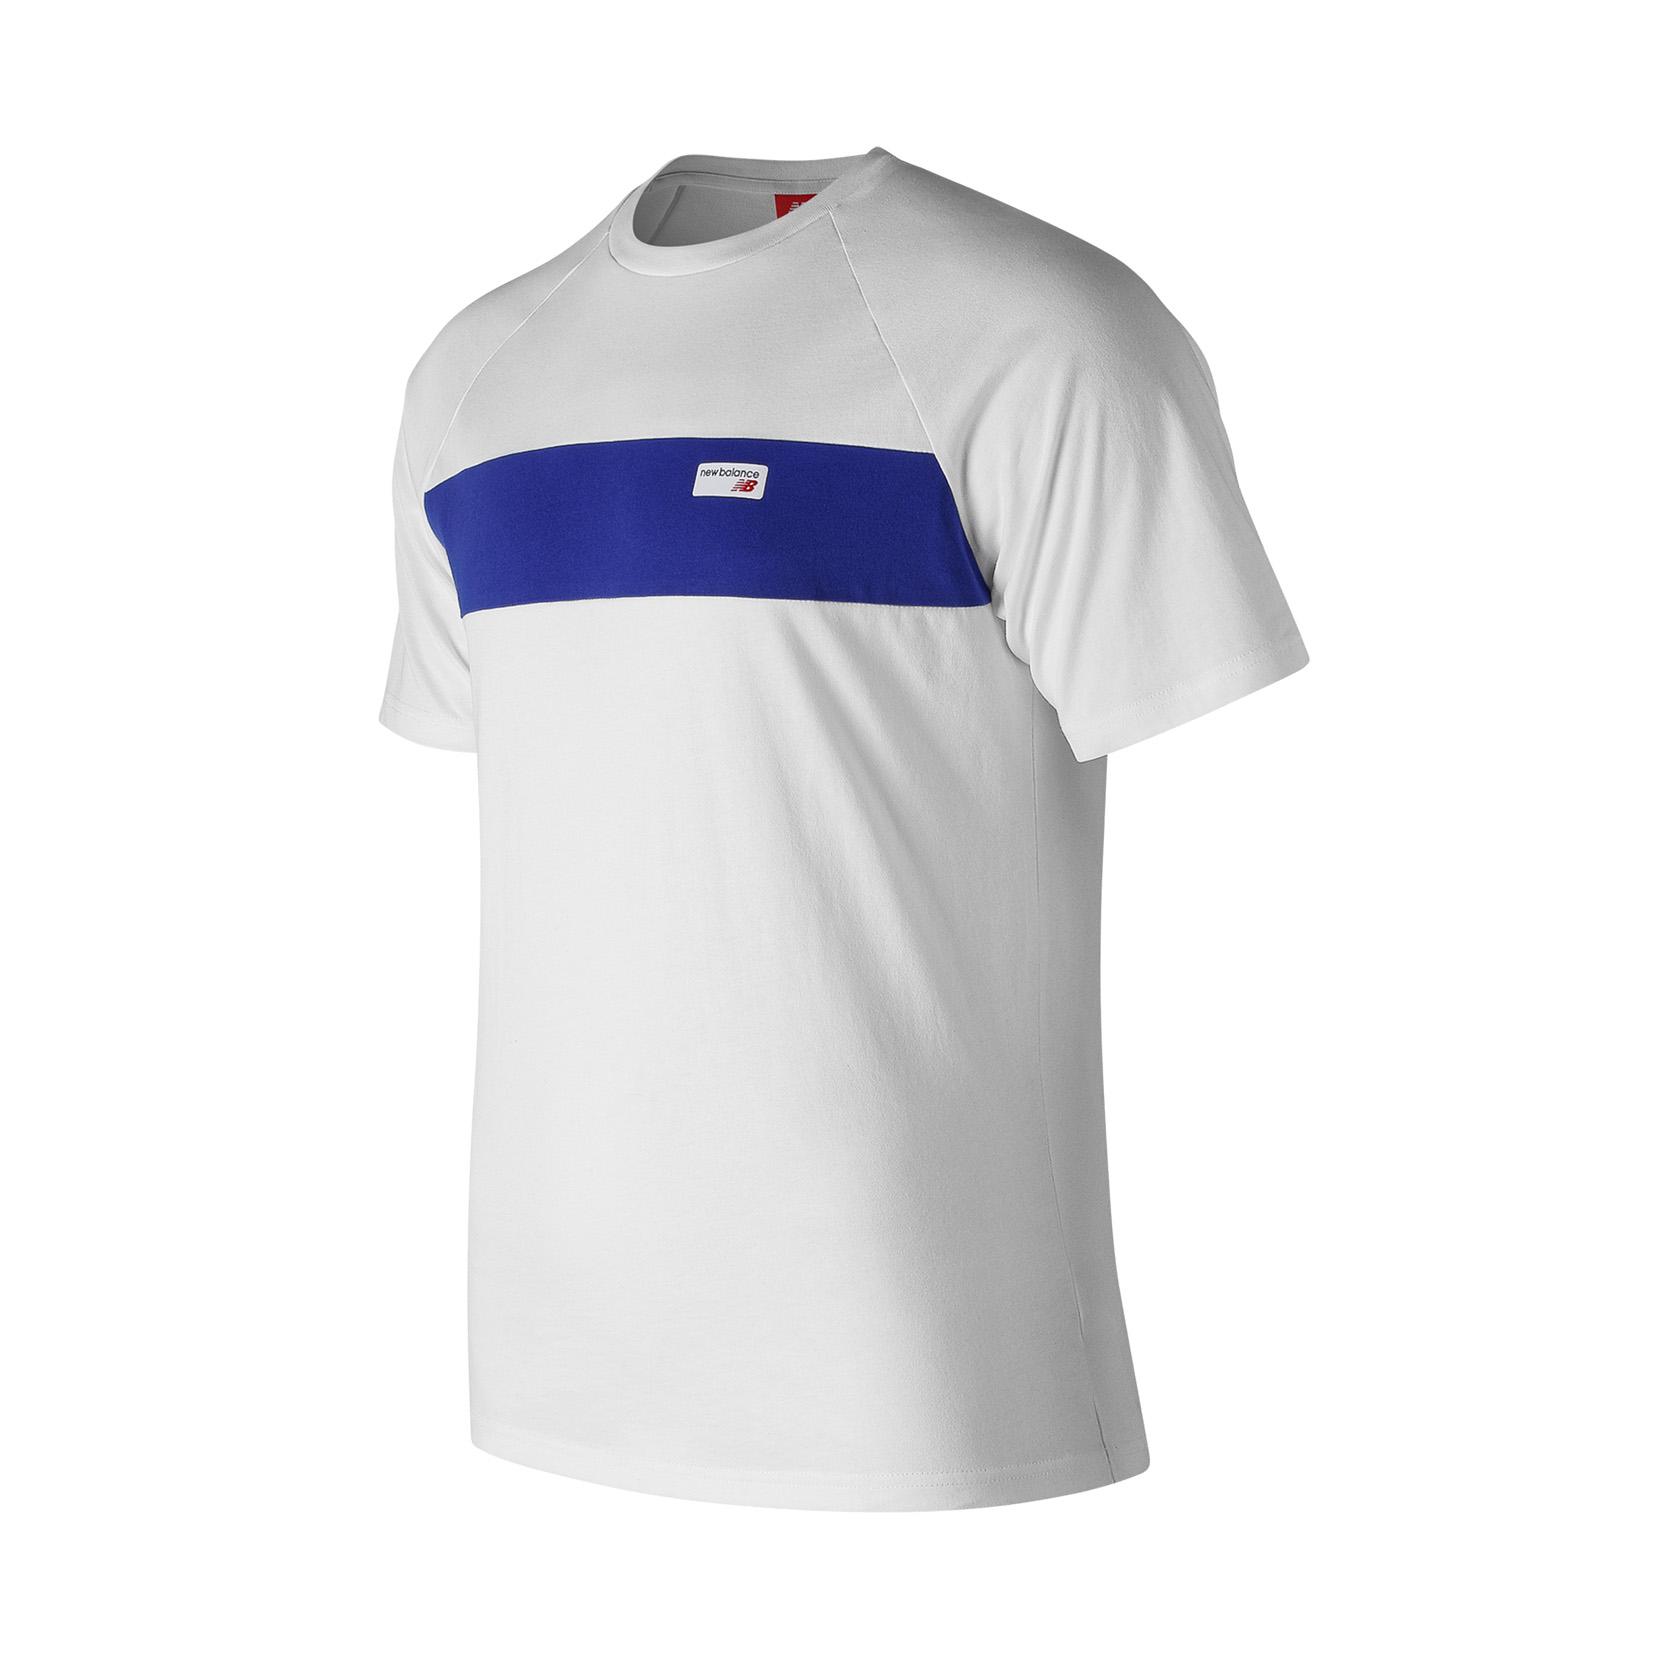 Футболка NB Athletics Raglan для чоловіків MT91510WT | New Balance